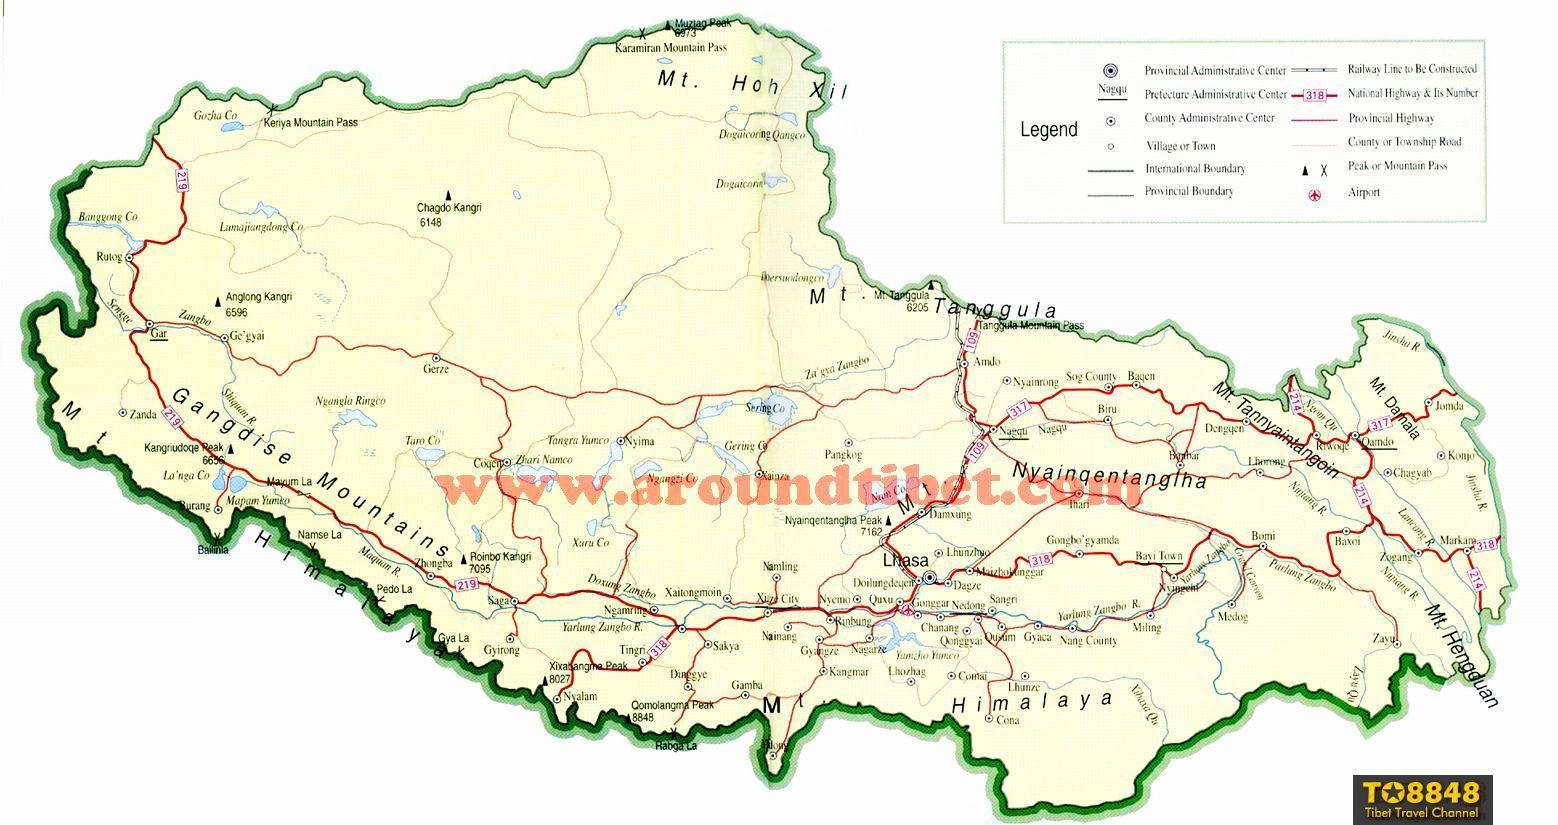 Tibet traffic map - English map of Tibet